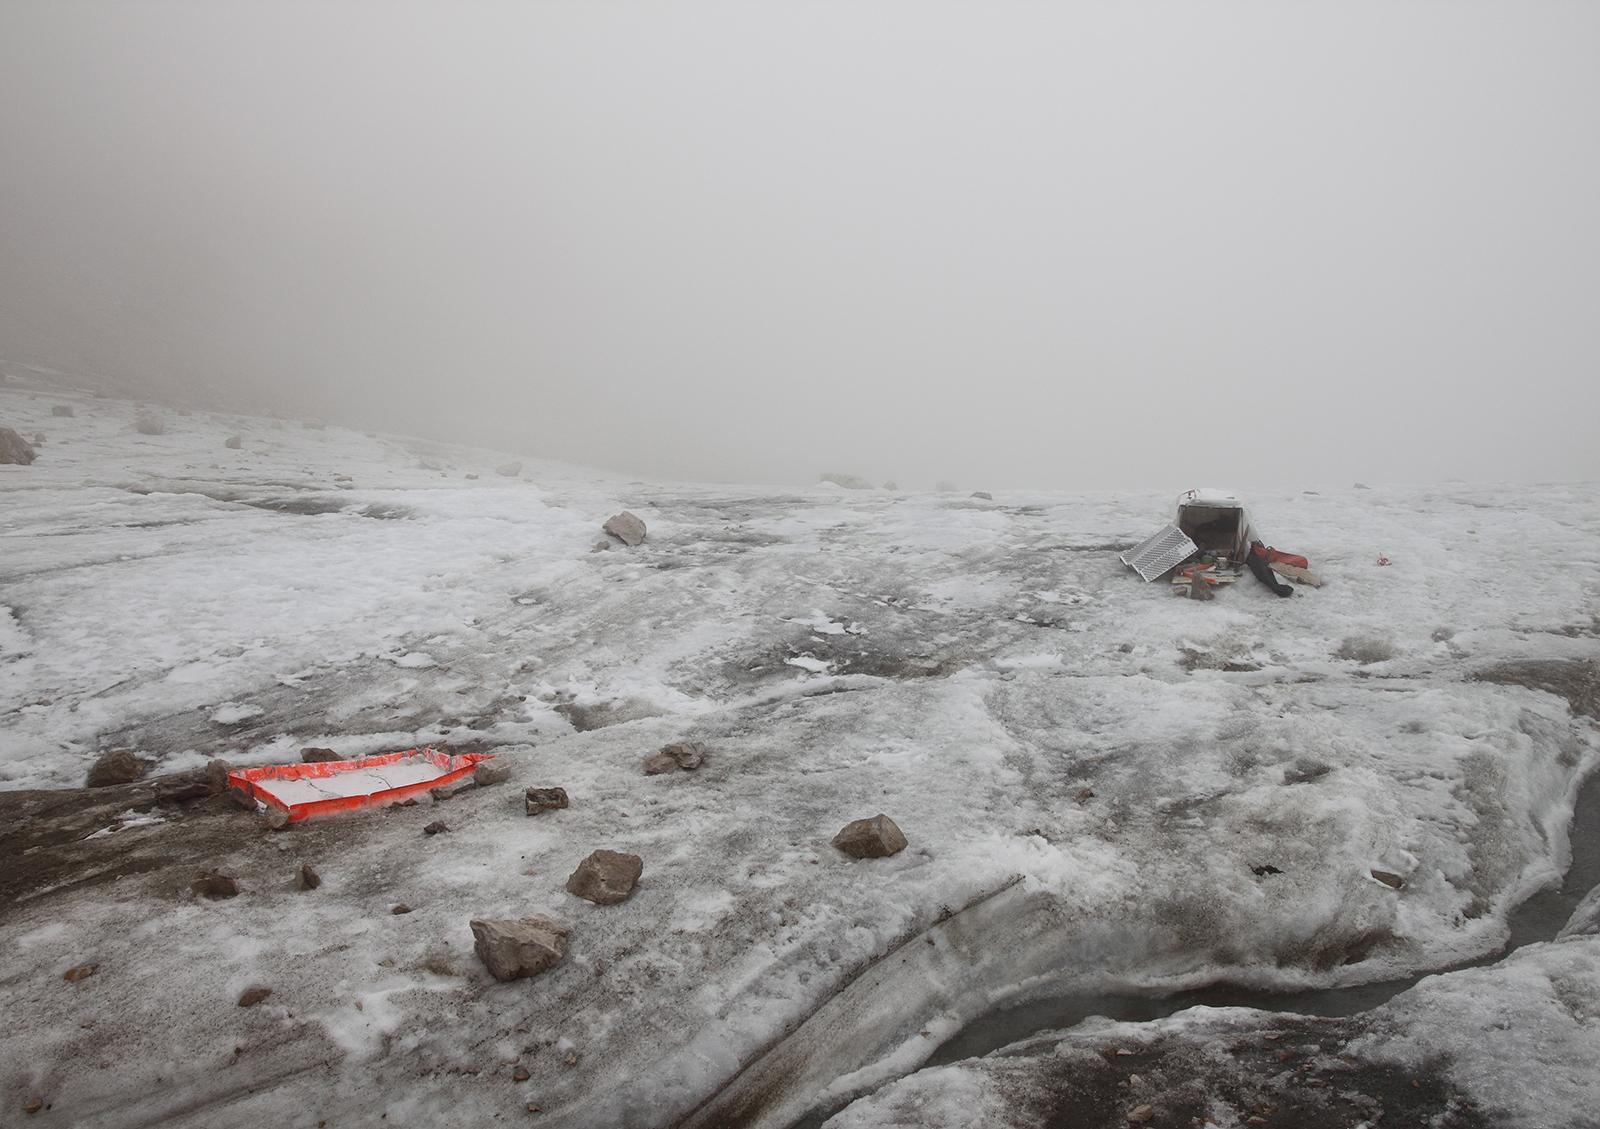 Verlassene Bergsteigerausrüstung bei Schlechtwetter auf der Zugspitze.